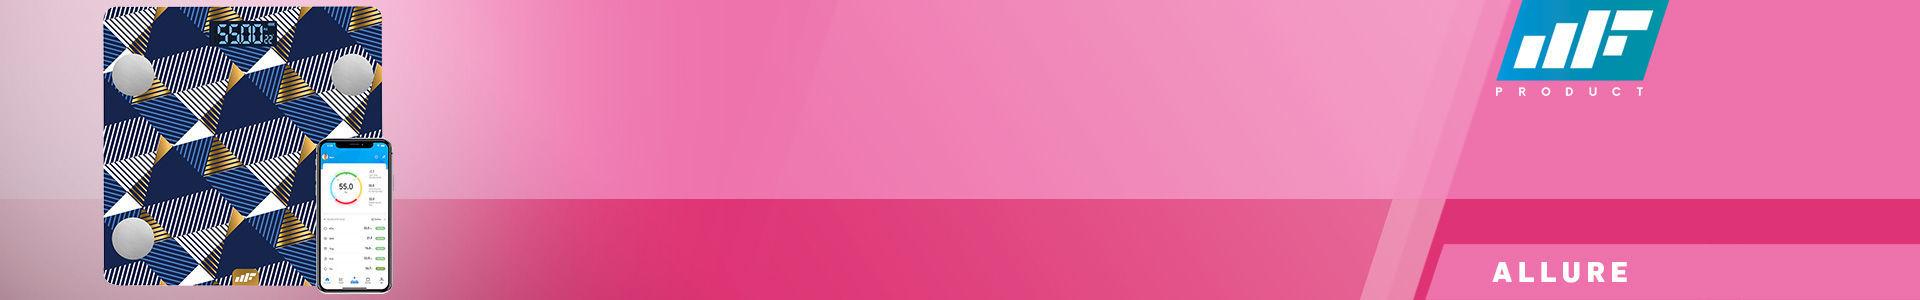 MF Product Allure 0532 Vücut Analizli Akıllı Tartı Yakamoz resmi